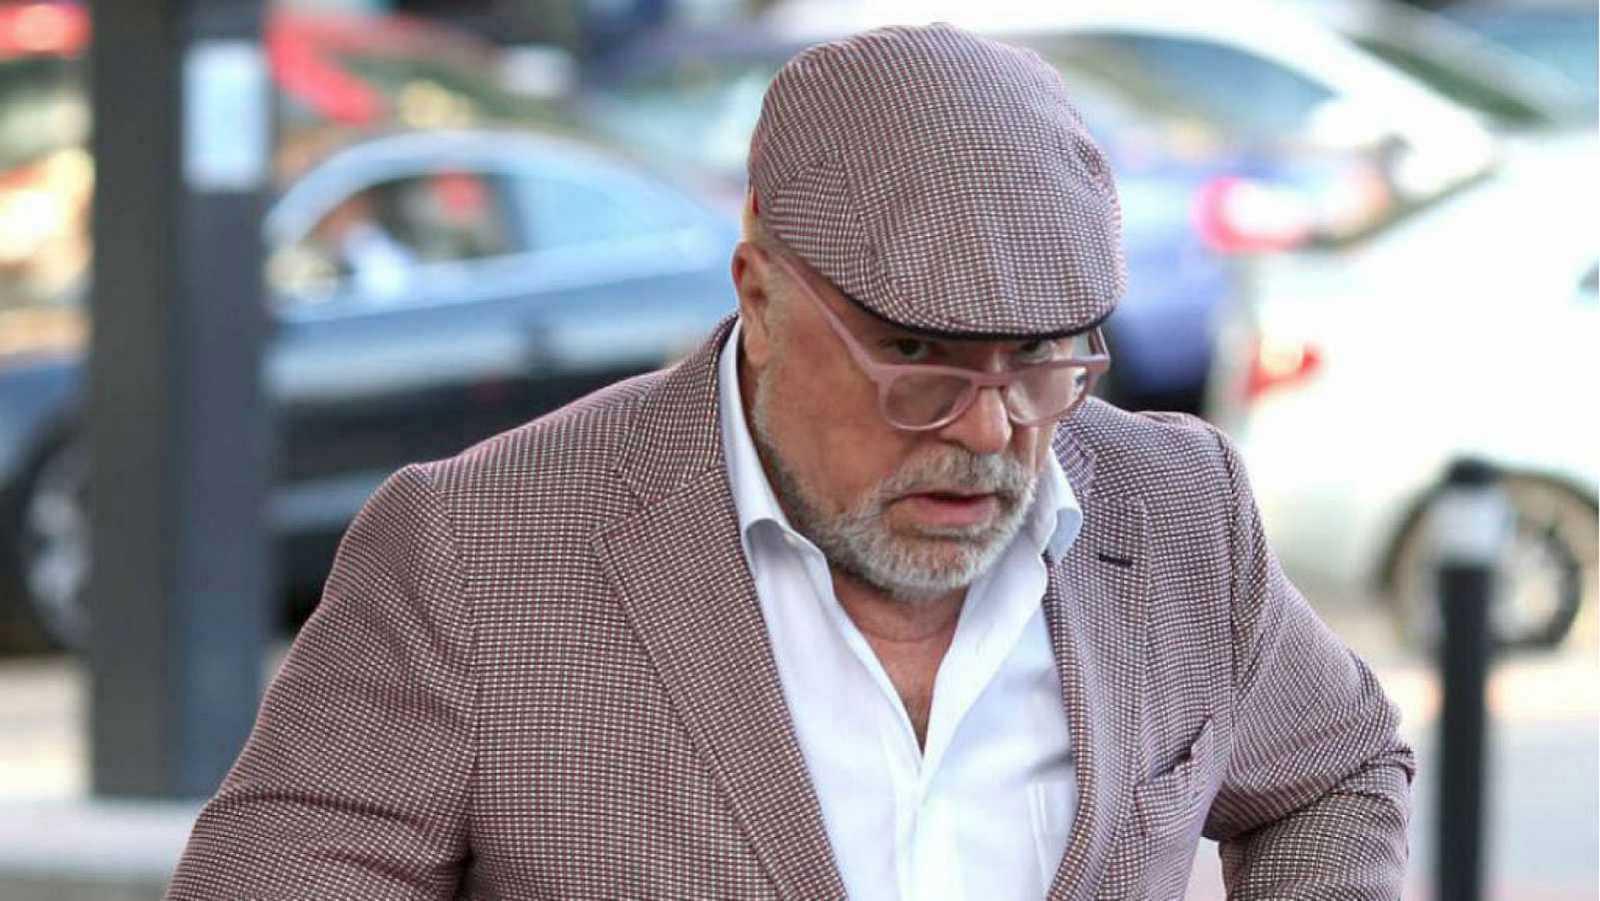 El juez del caso Tándem deja en libertad a Villarejo, que saldrá en las próximas horas